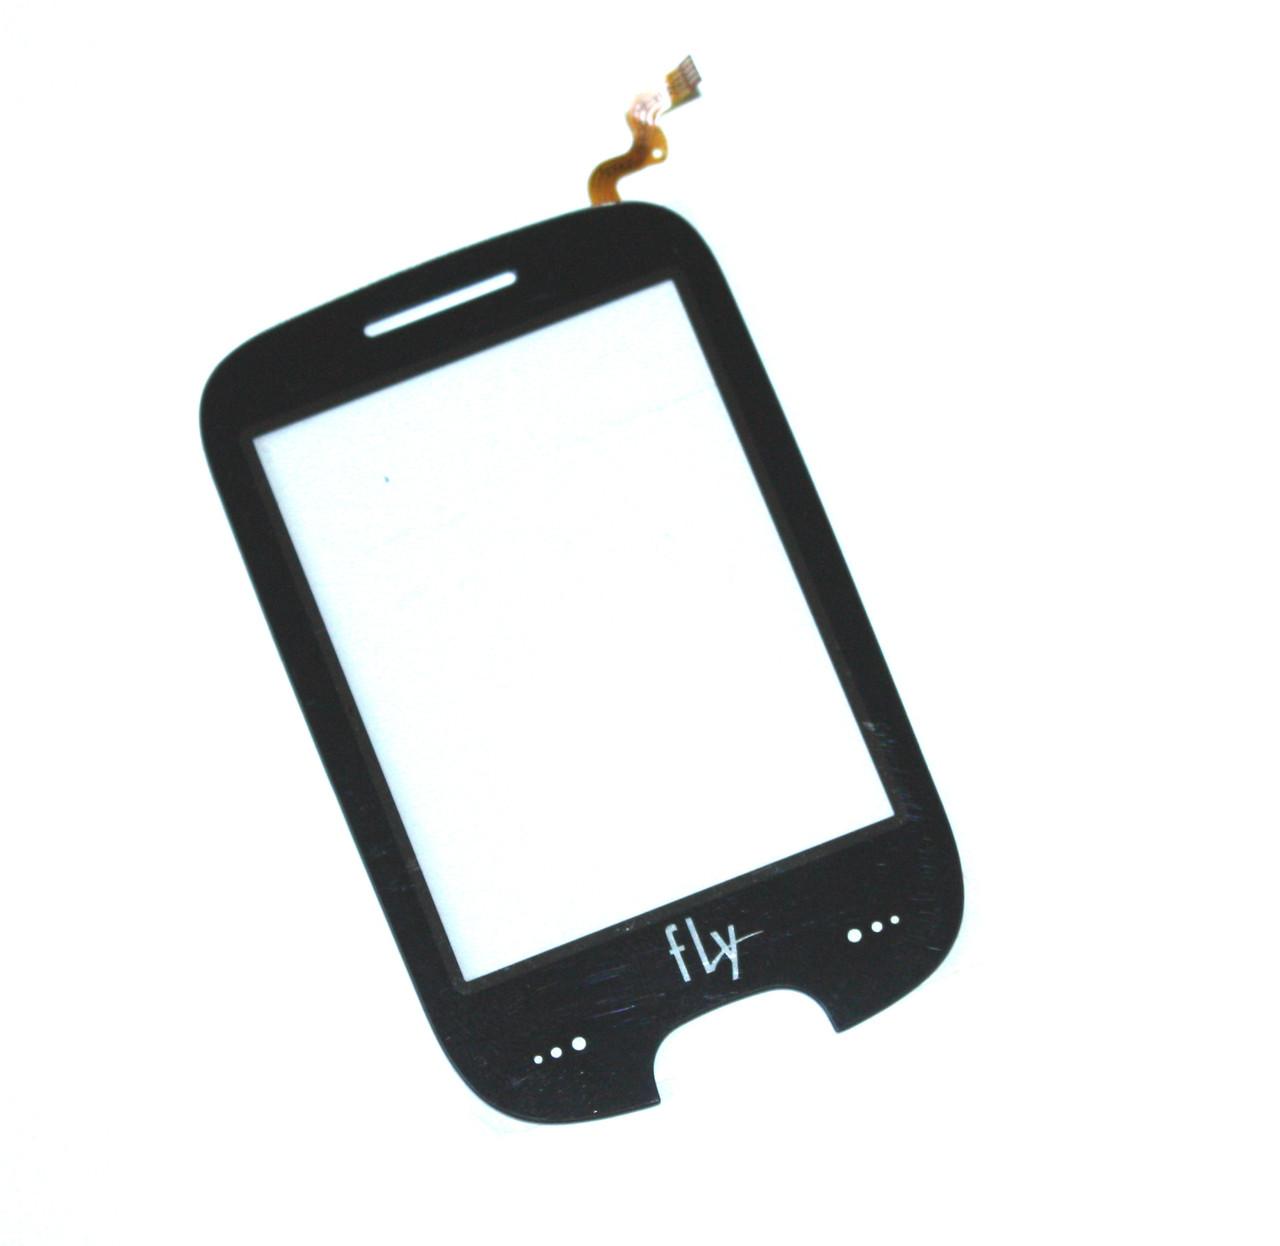 Сенсорный экран (тачскрин) Fly E155 чёрный ориг. к-во